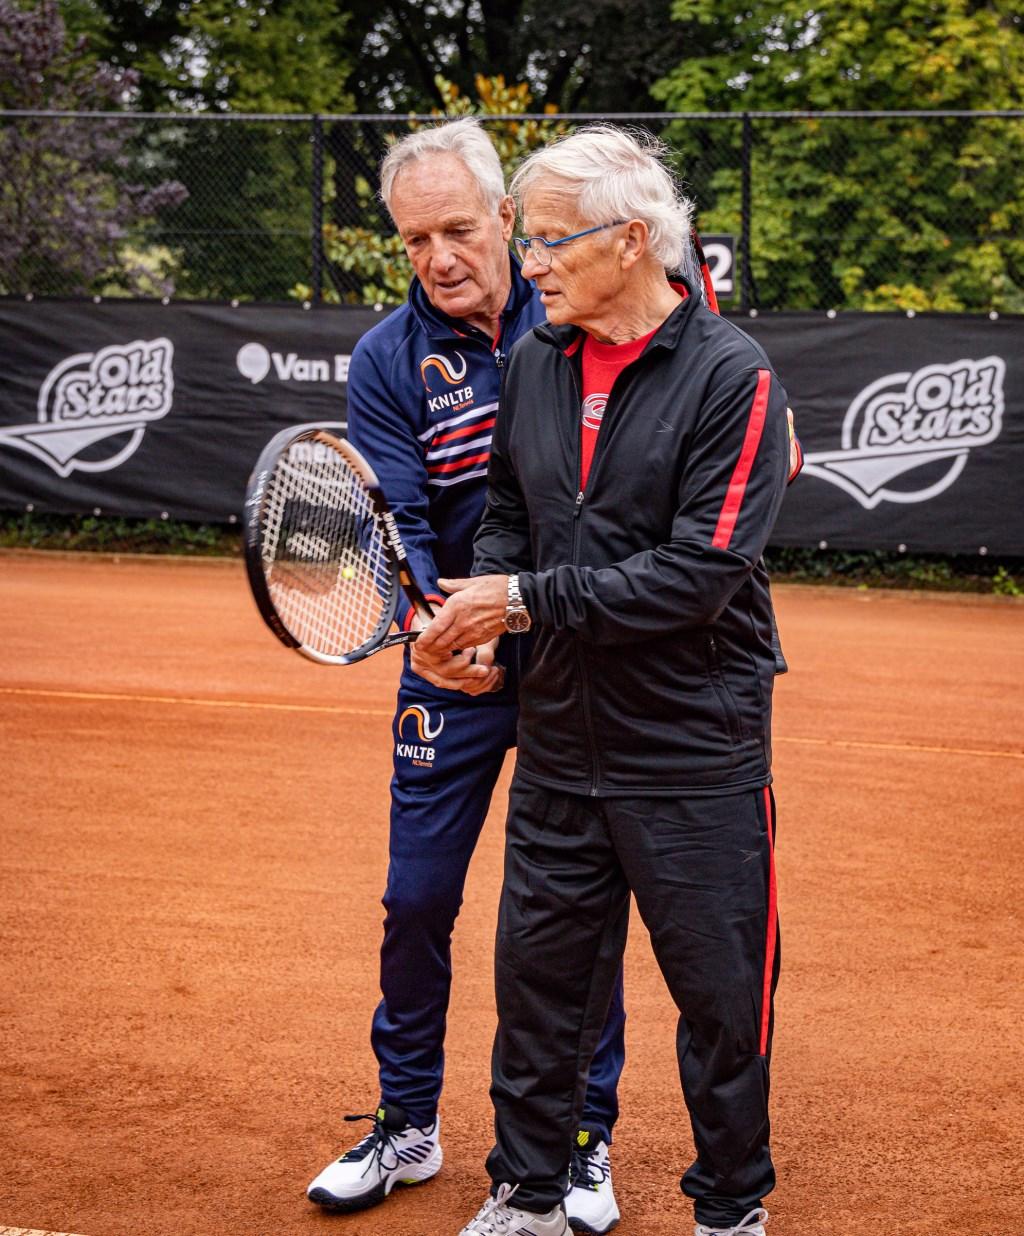 OldStars-tennis is speciaal voor de ouderen die graag willen blijven tennissen. Foto: Henk Koster. Foto: Henk Koster © DPG Media